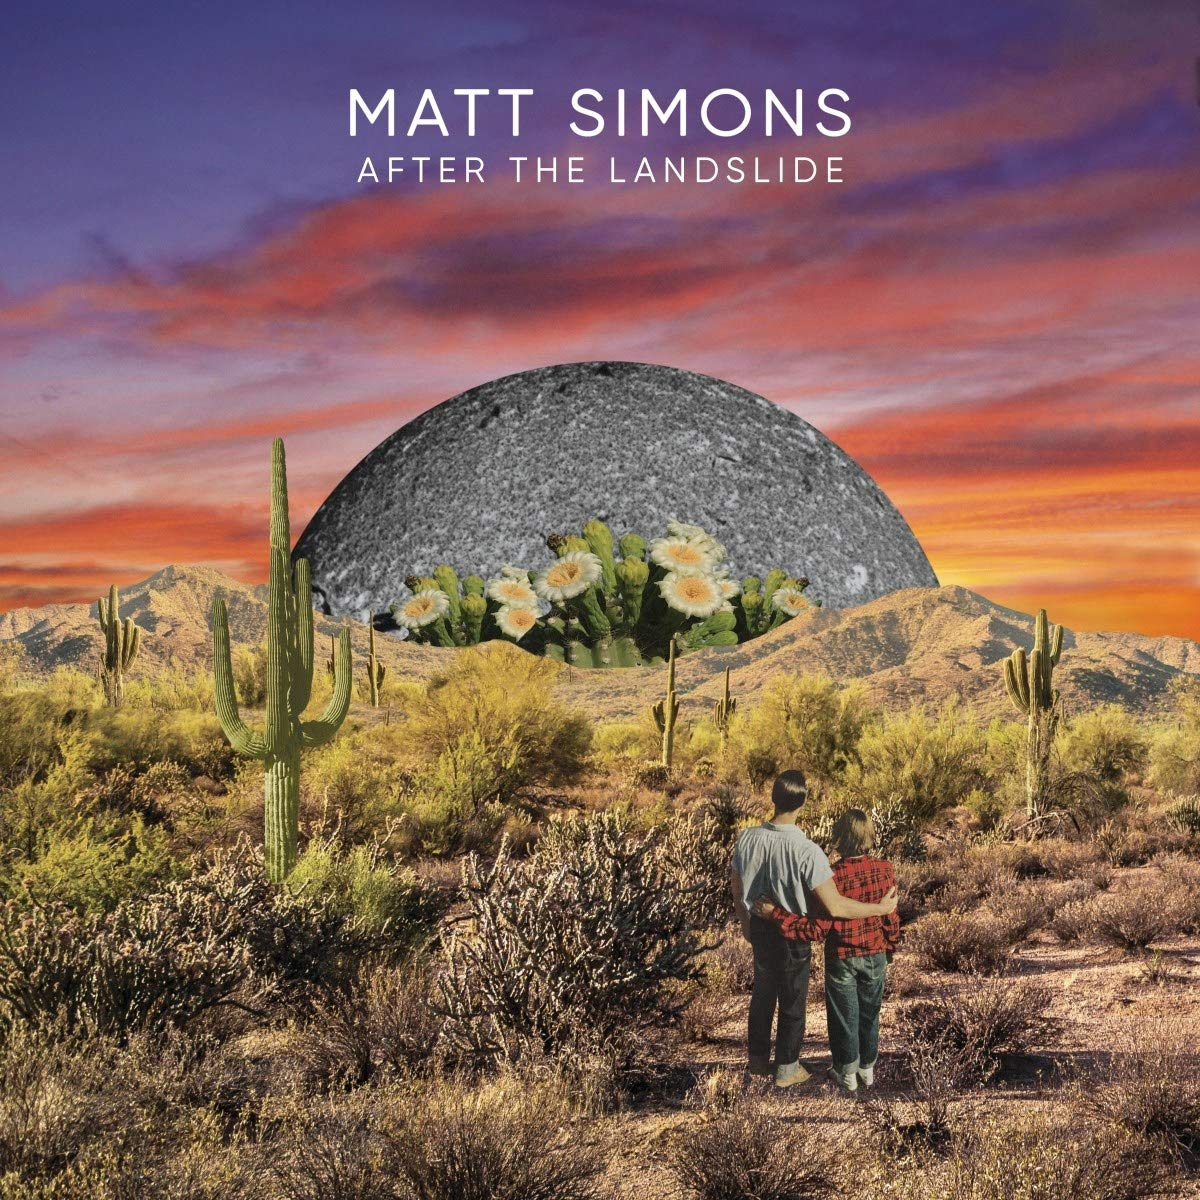 After the Landslide - Matt Simons